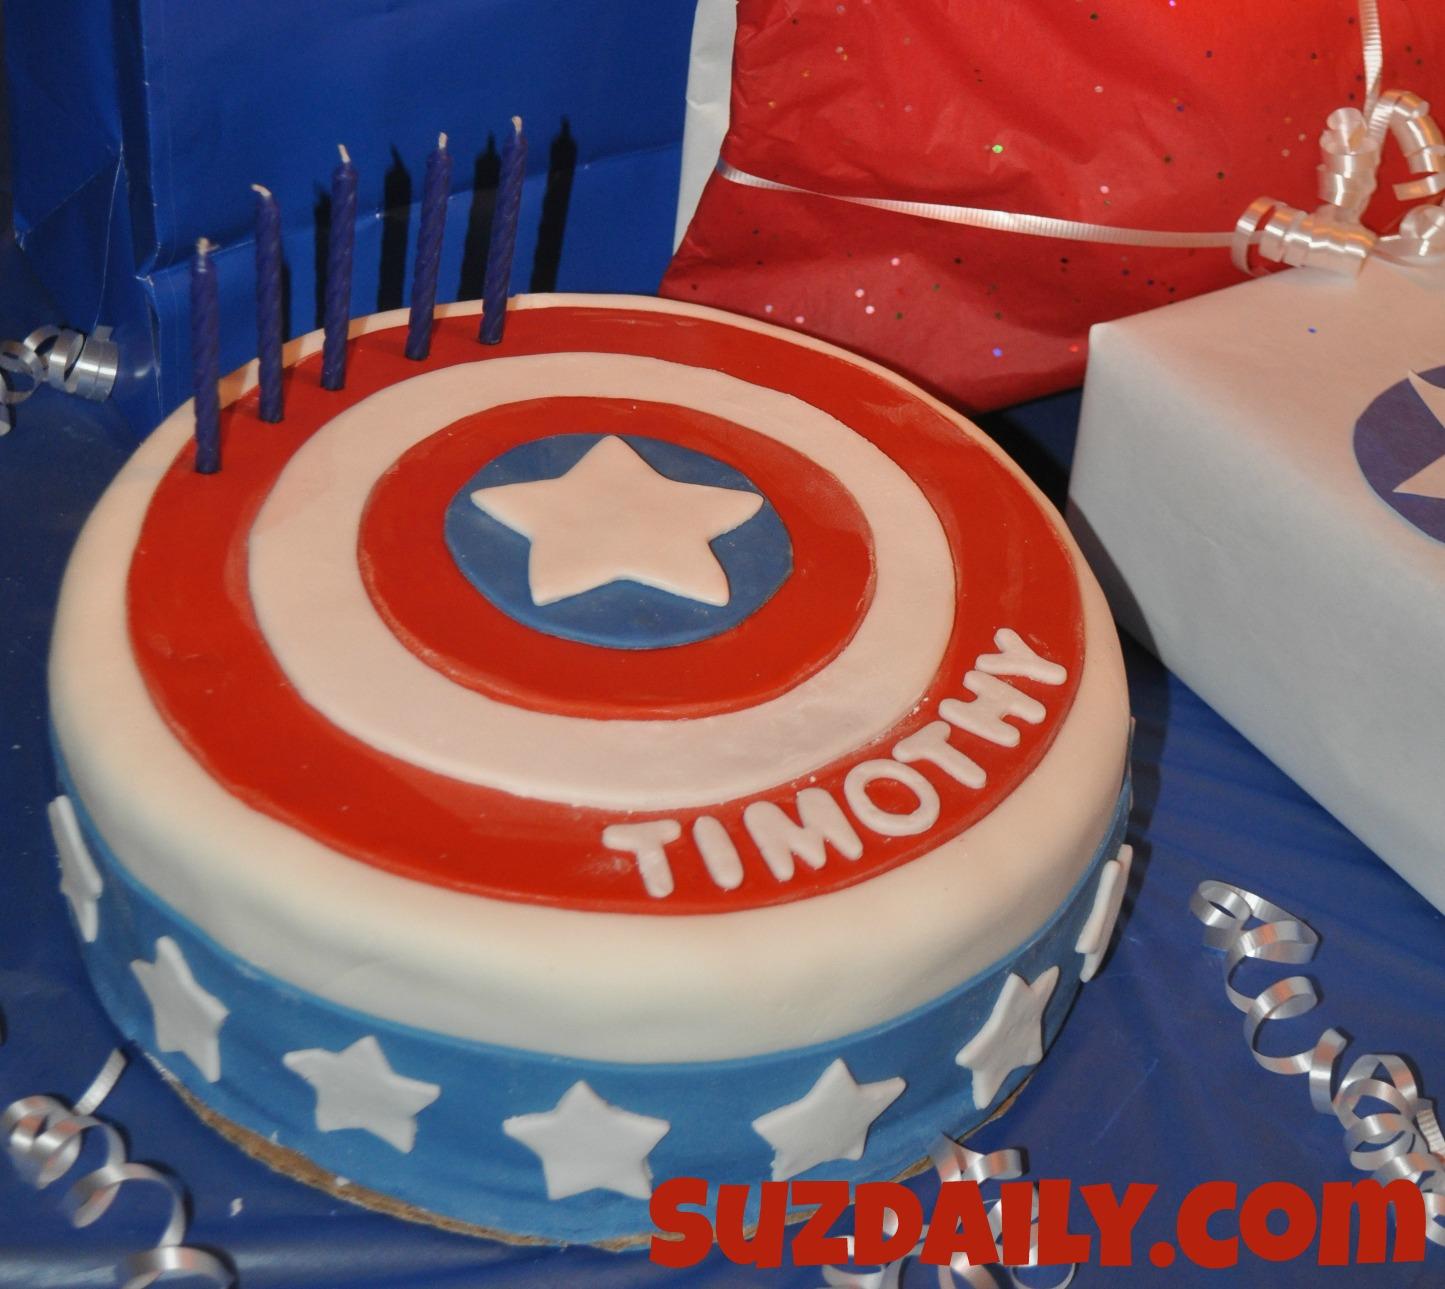 Happy Birthday New Cake Images